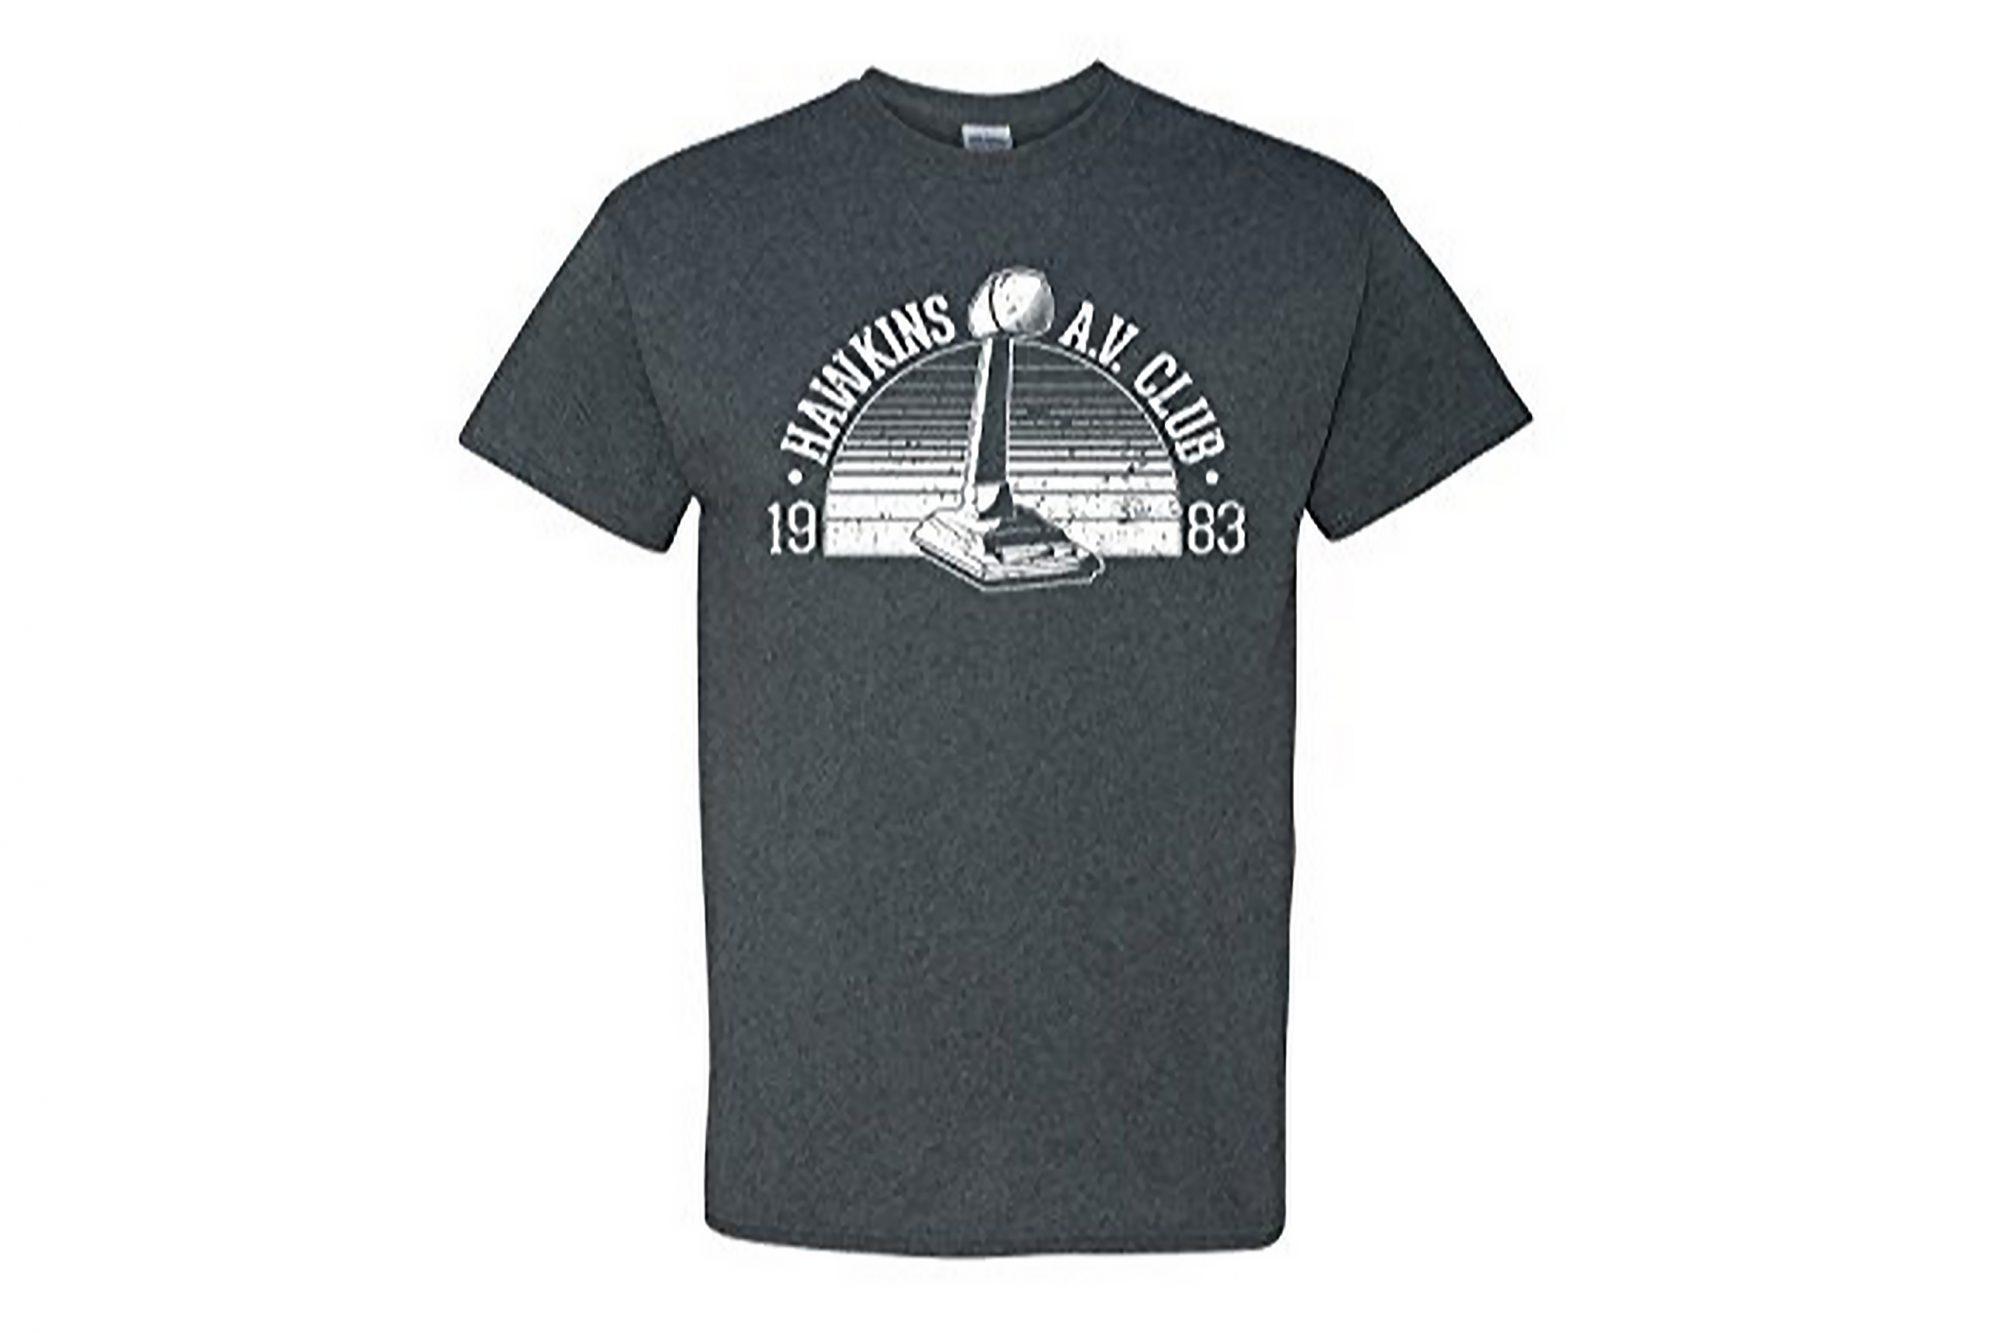 Hawkins AV Club T-Shirt